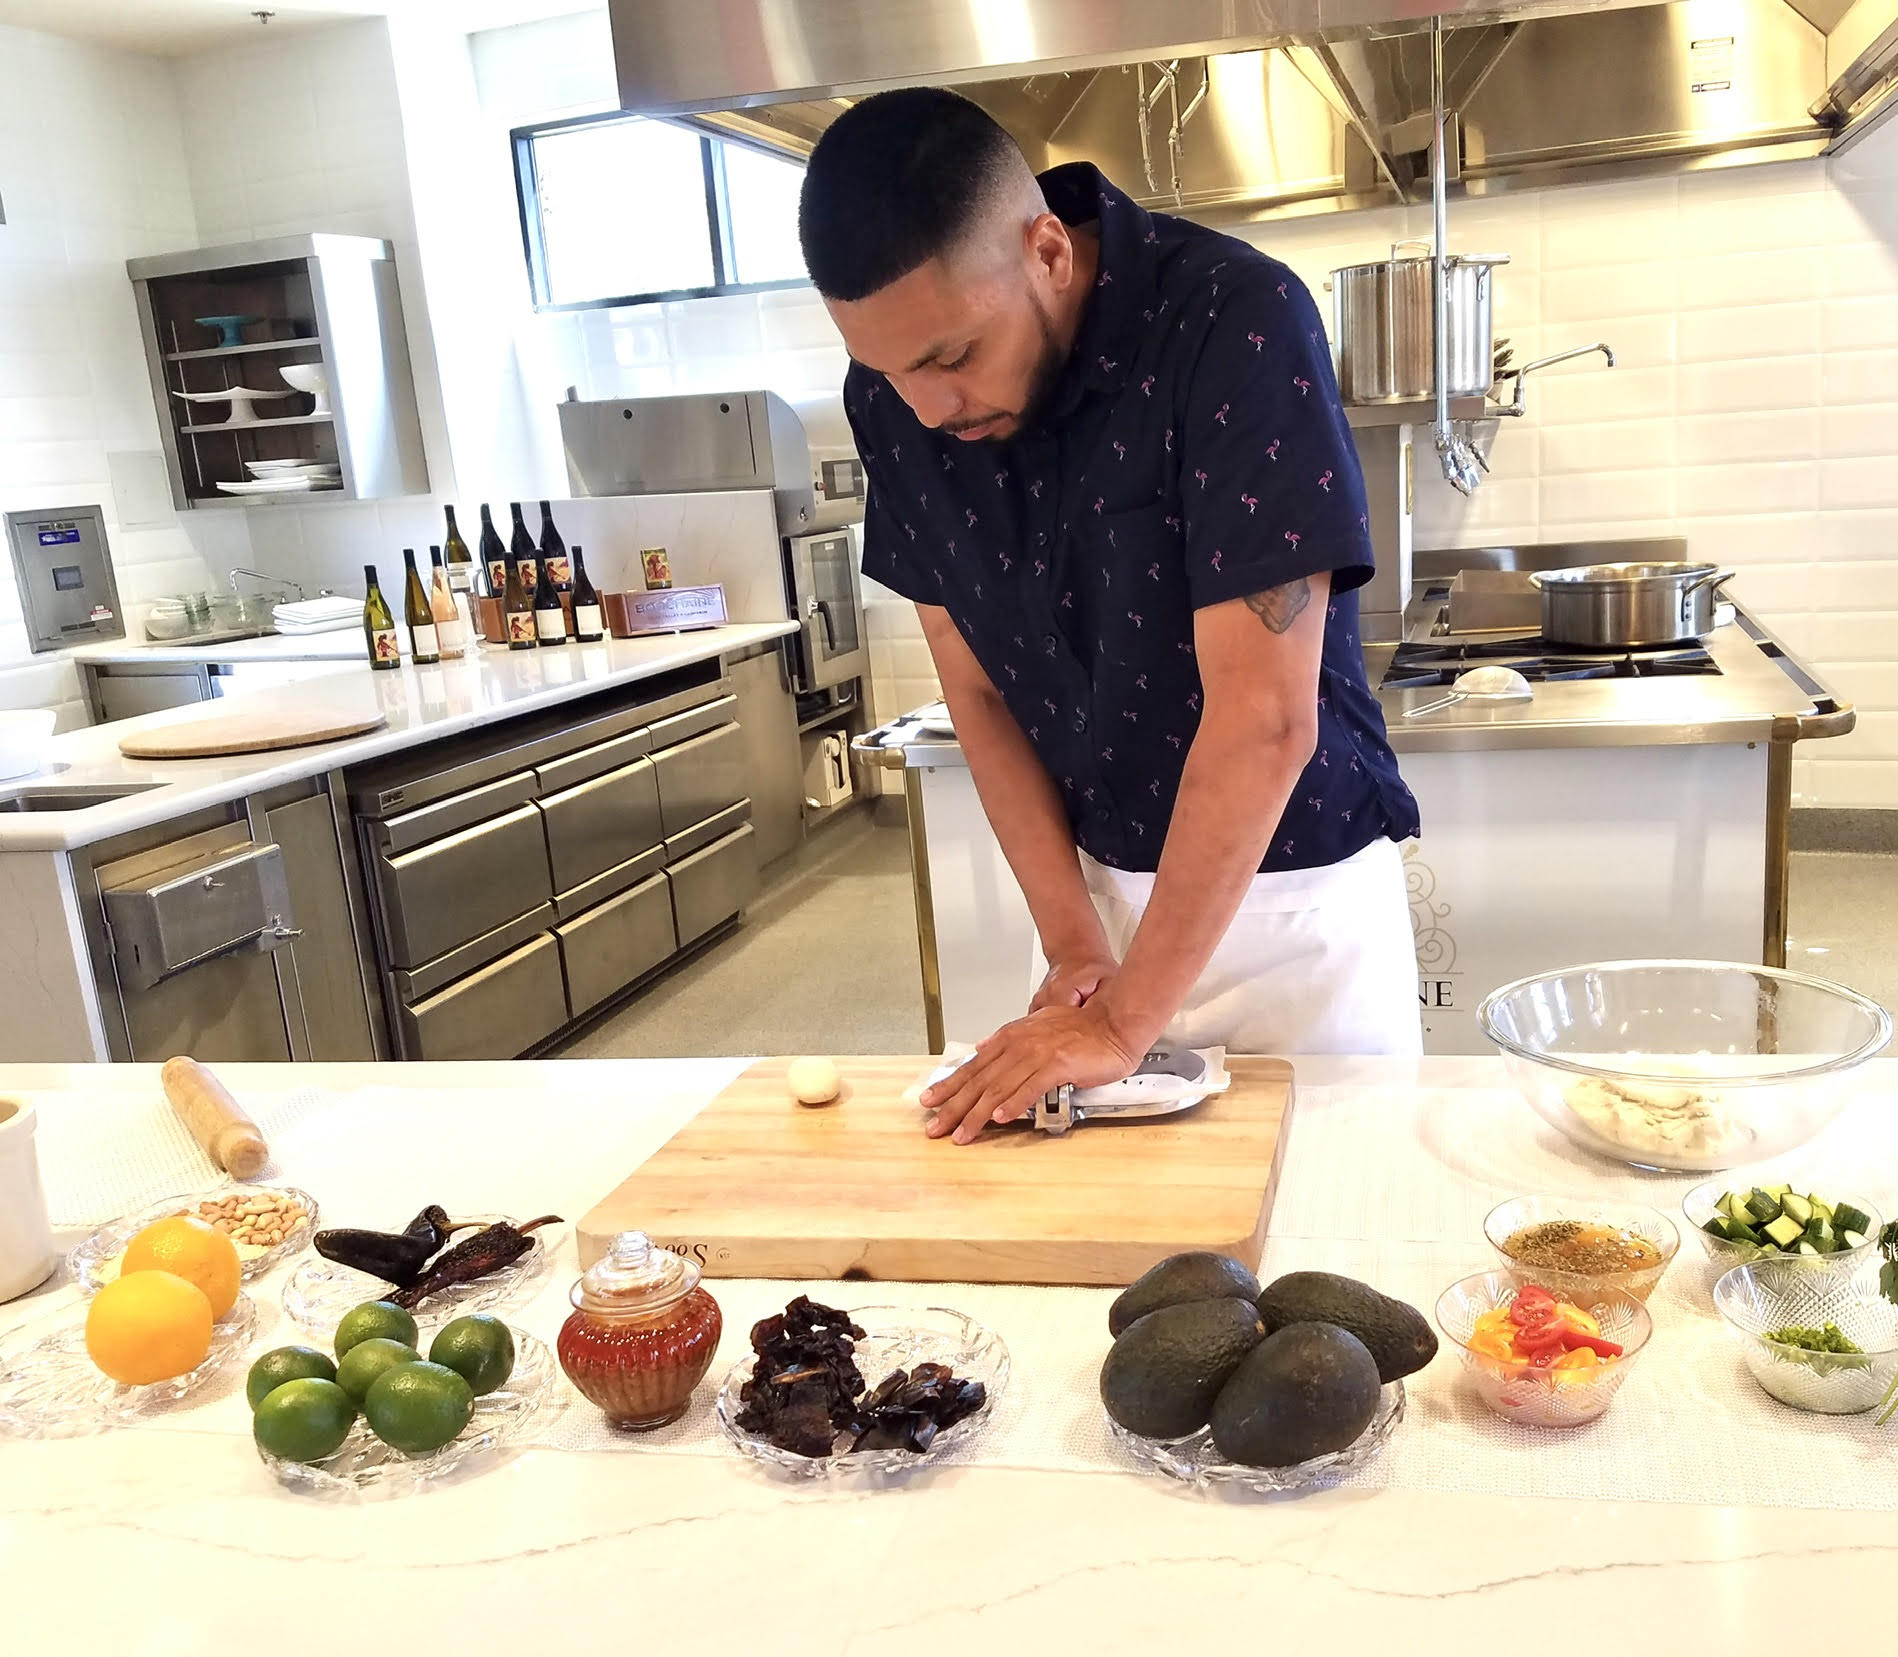 Chef Rogelio Garcia in the kitchen